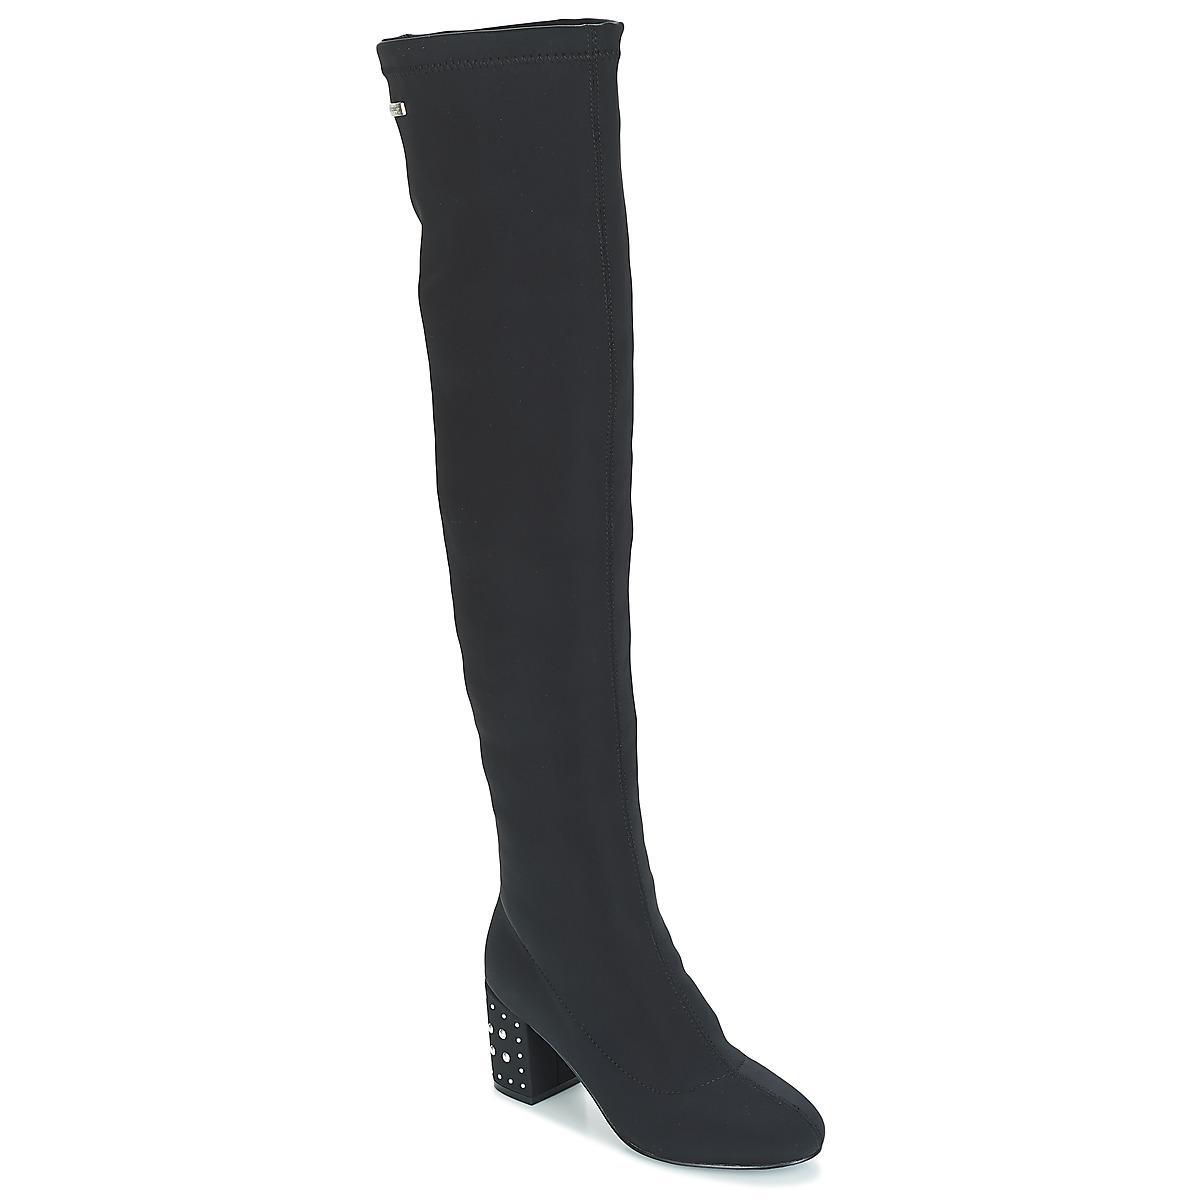 In Belarbi M Black Boots High Claus Women's Tropéziennes Les Par q7a8aZ